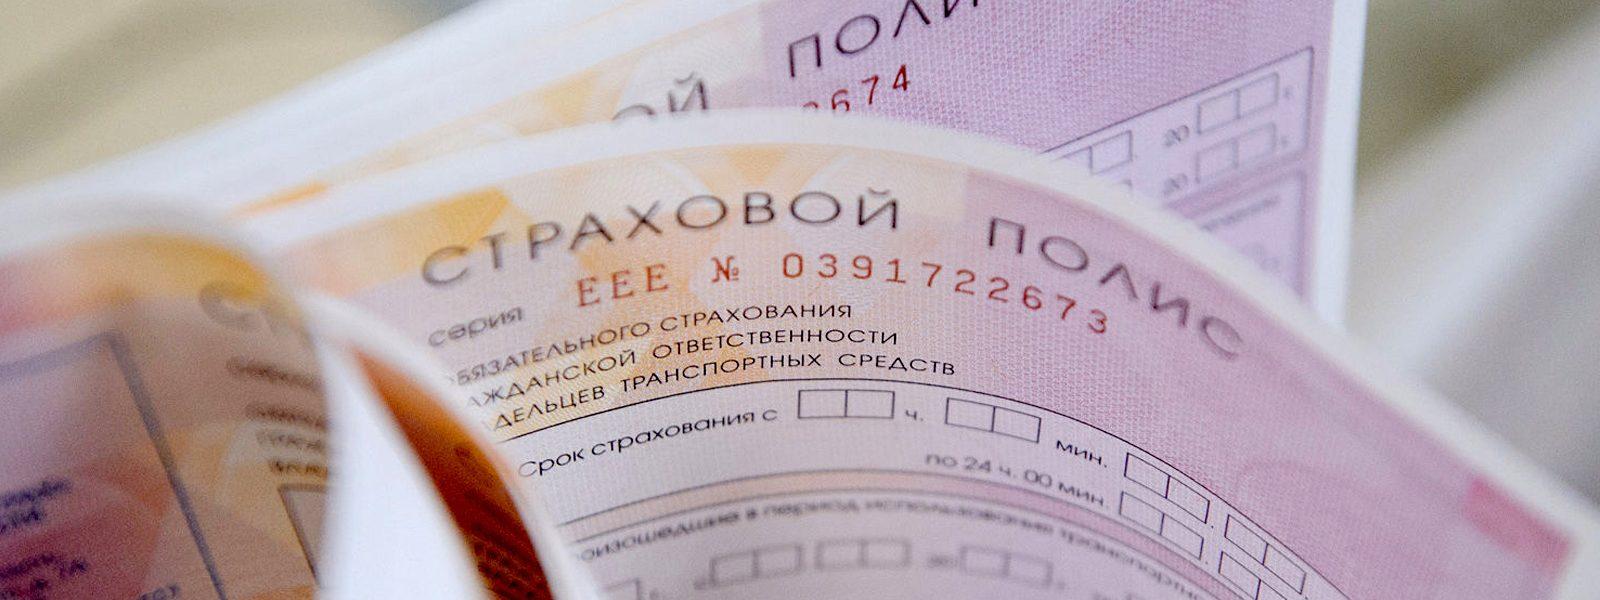 Полисы КАСКО и ОСАГО. Москва, Кожухово, Люберцы, Новокосино